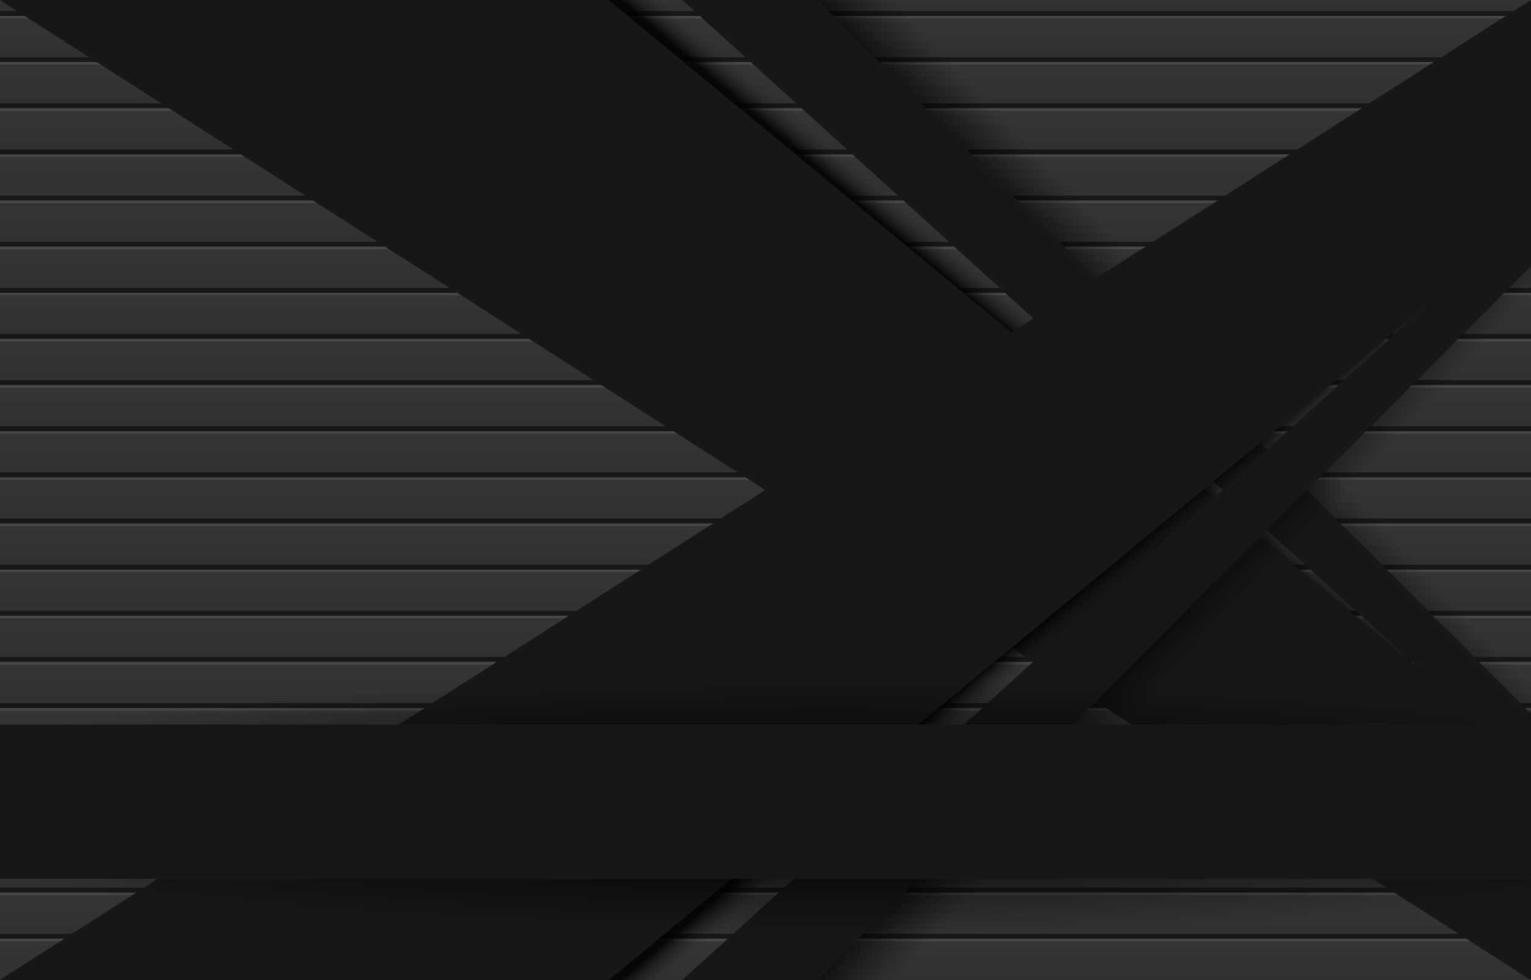 opgetuigde donkere achtergrond met zwart uitgesneden ontwerp vector